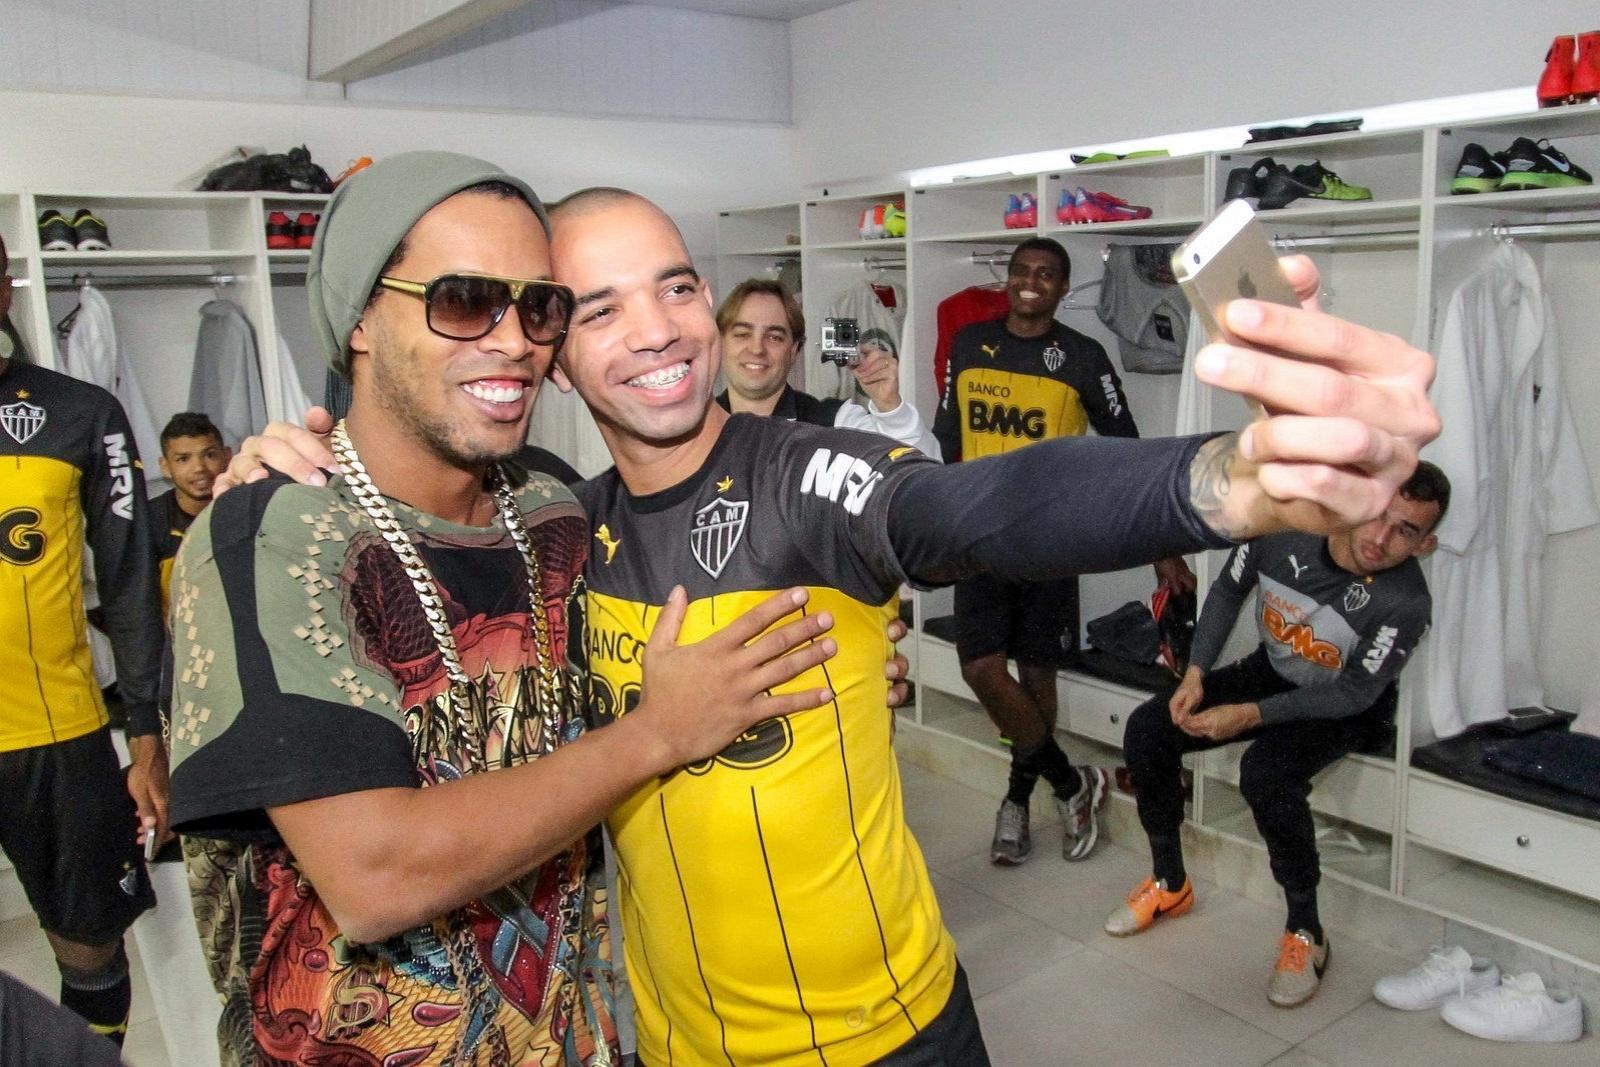 30 jul 2014 - Ronaldinho Gaúcho e Diego Tardelli posam para foto no vestiário da